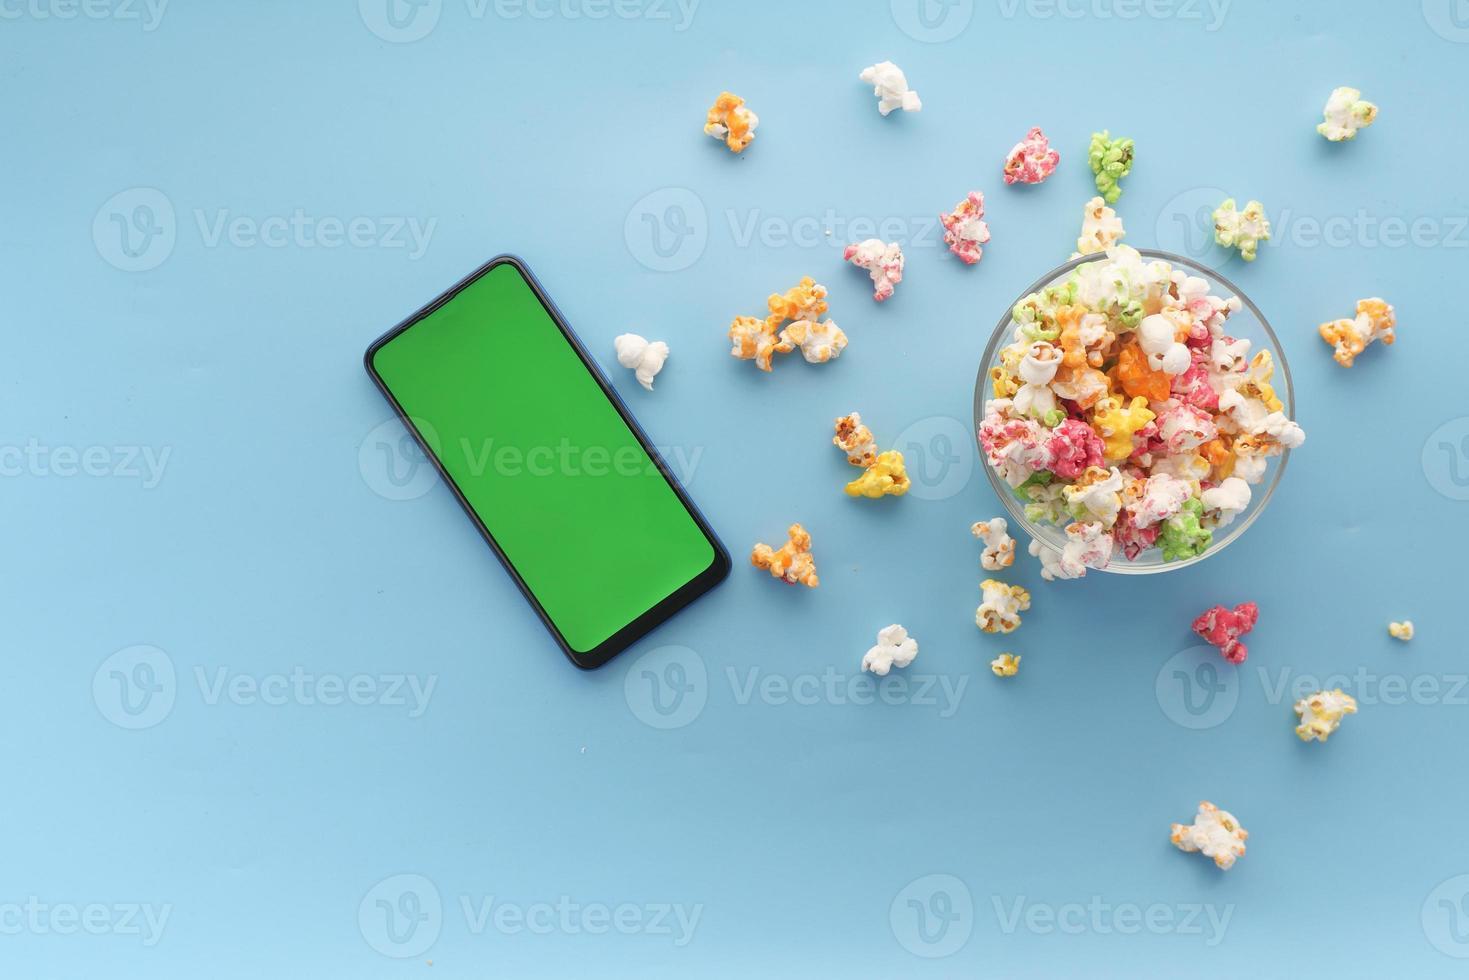 bovenaanzicht van slimme telefoon en popcorn op blauwe achtergrond foto